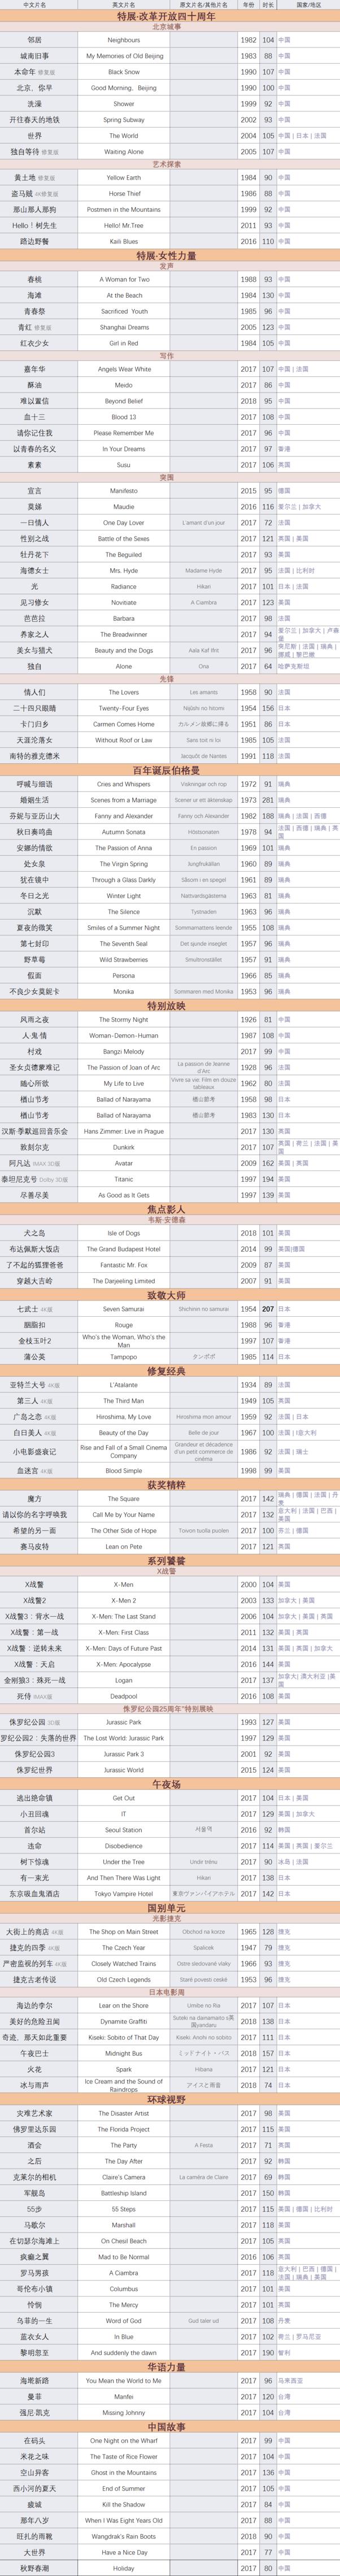 2018北京国际电影节首批展映片单公布